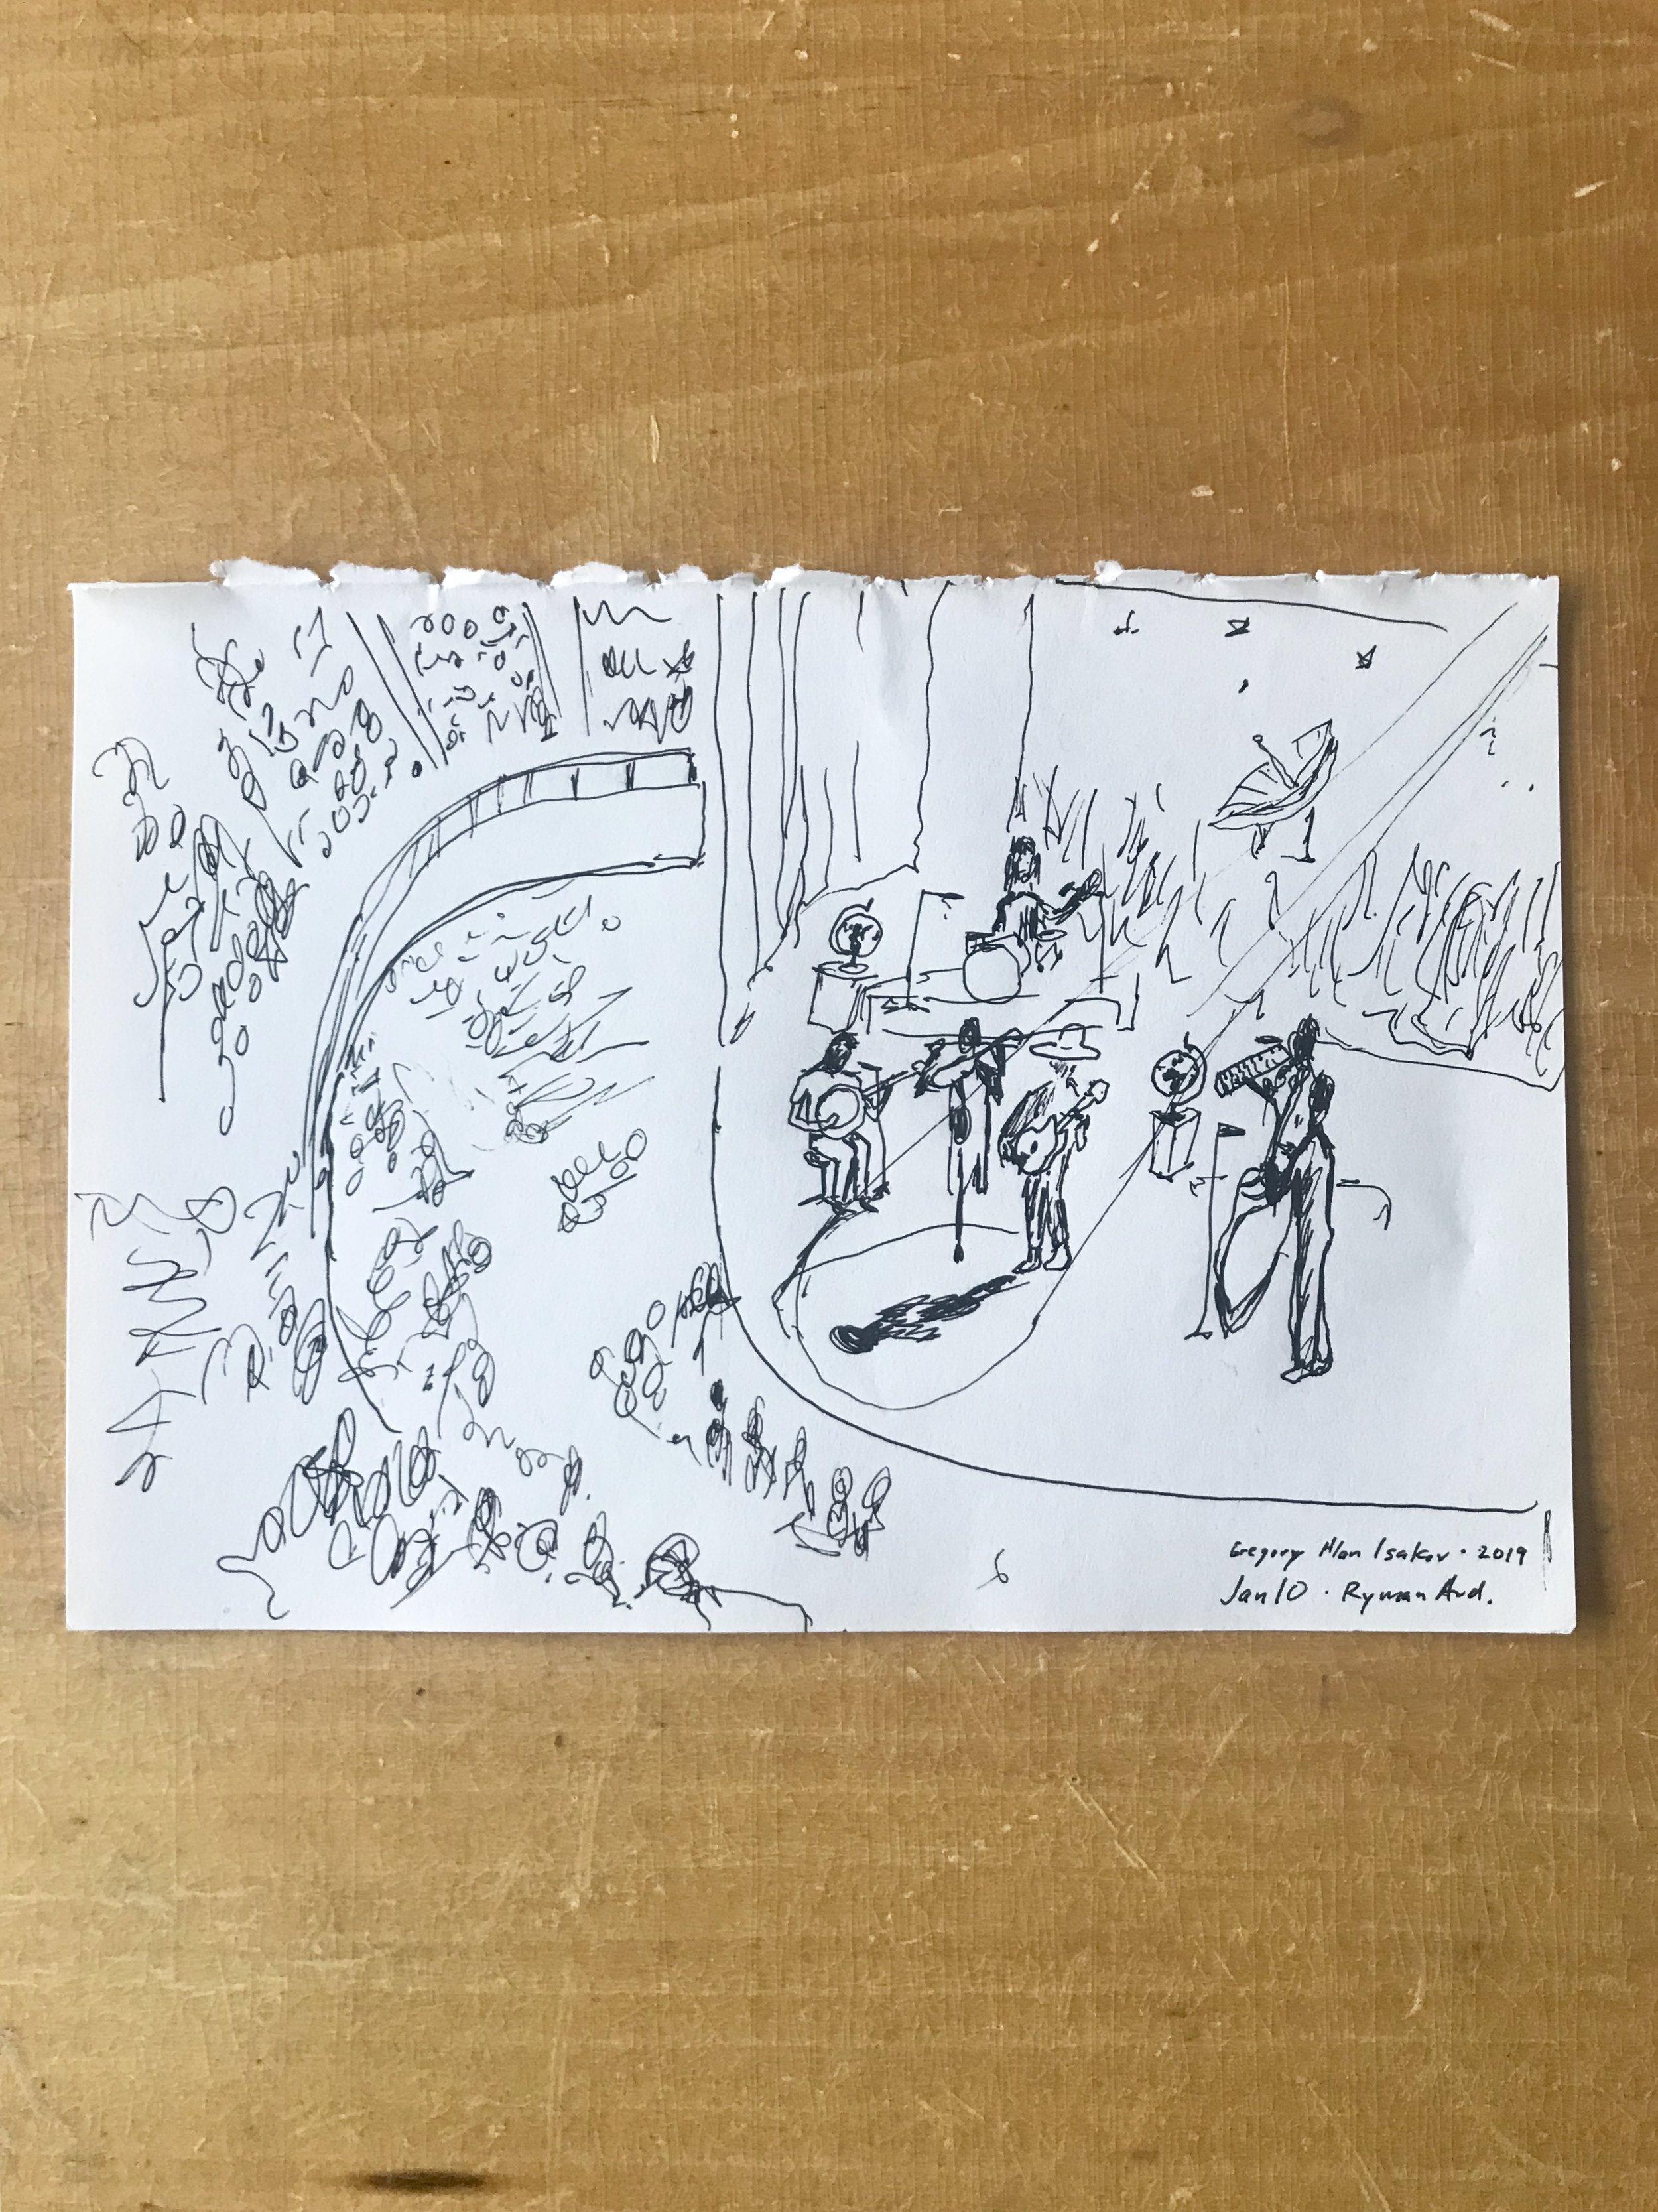 Ryman Sketch